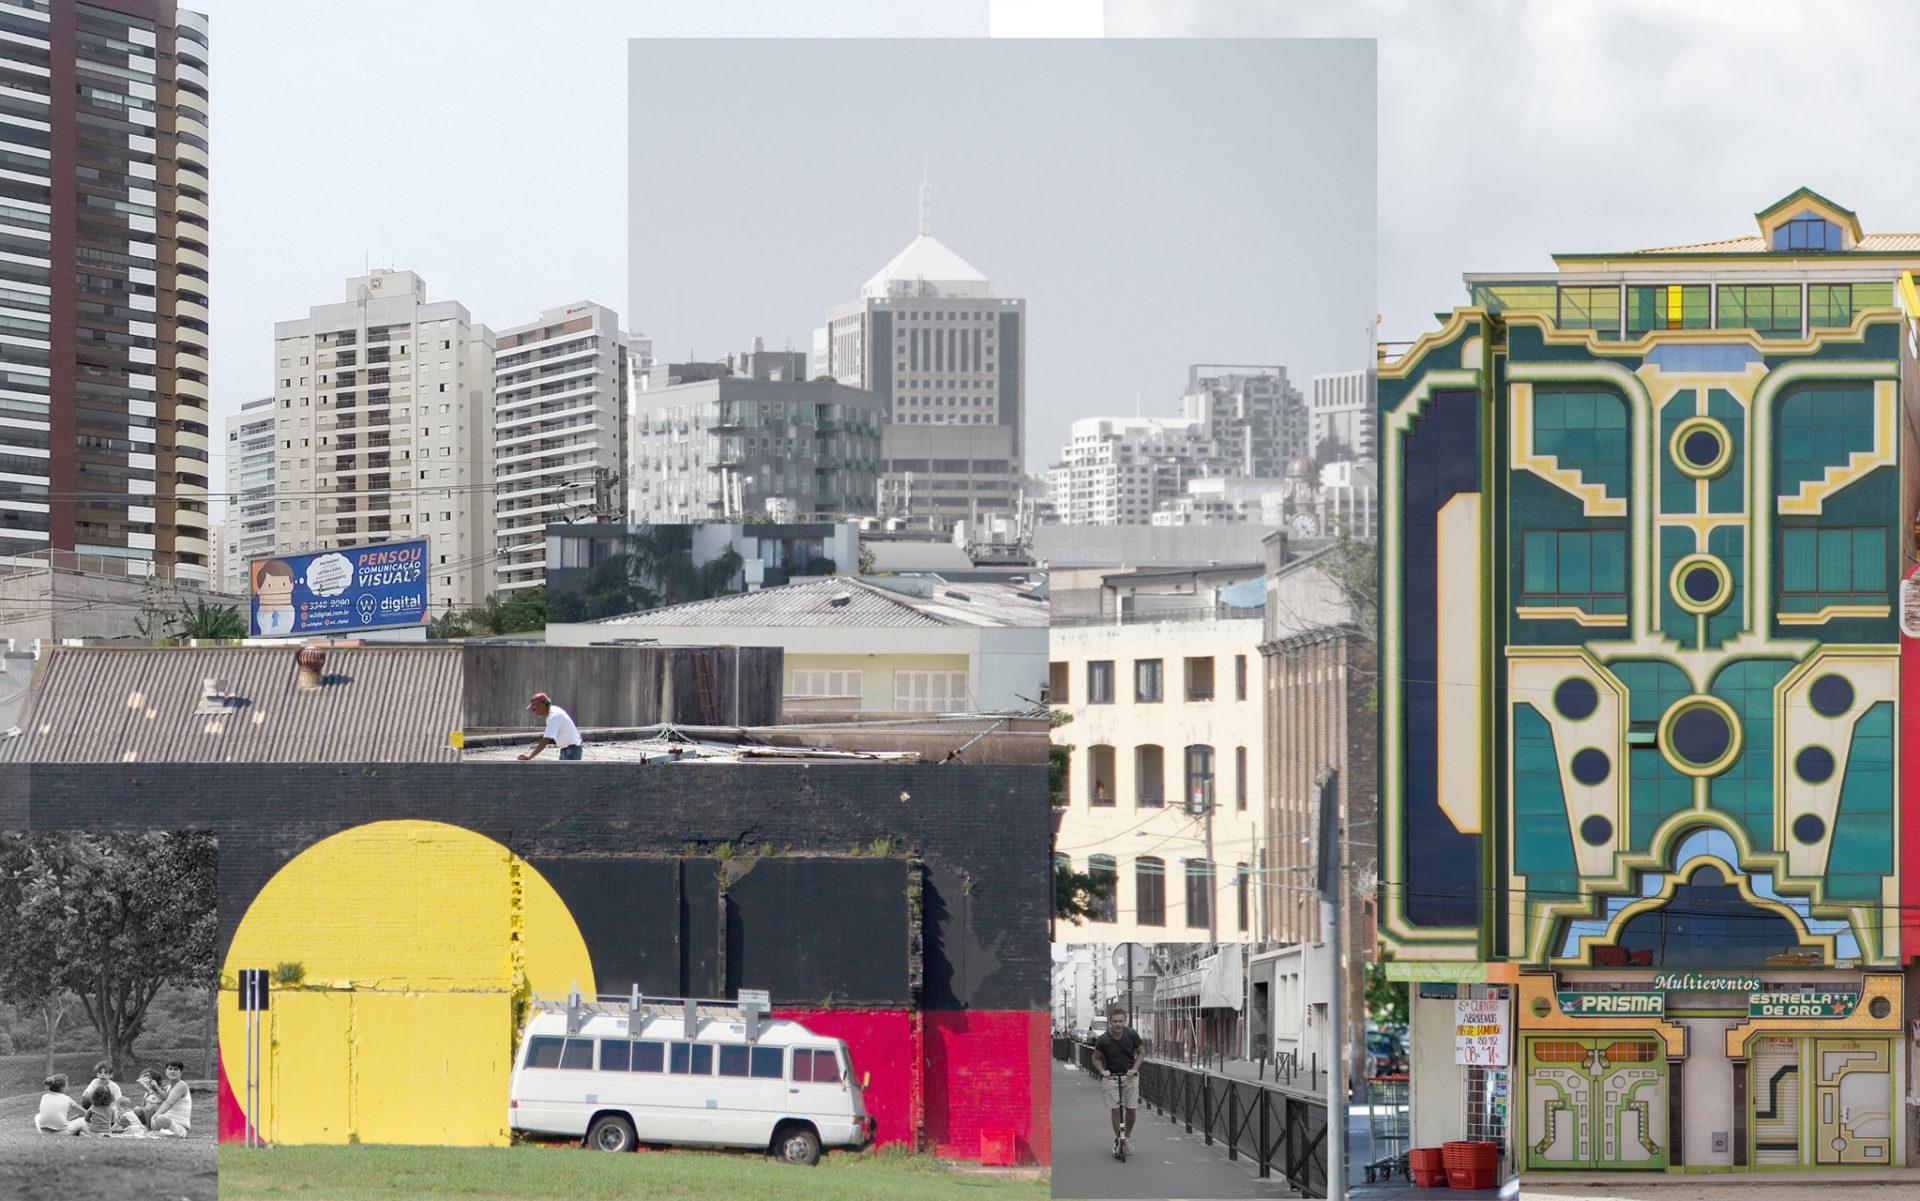 random city 9 - la paz - paris - sydney - porto alegre